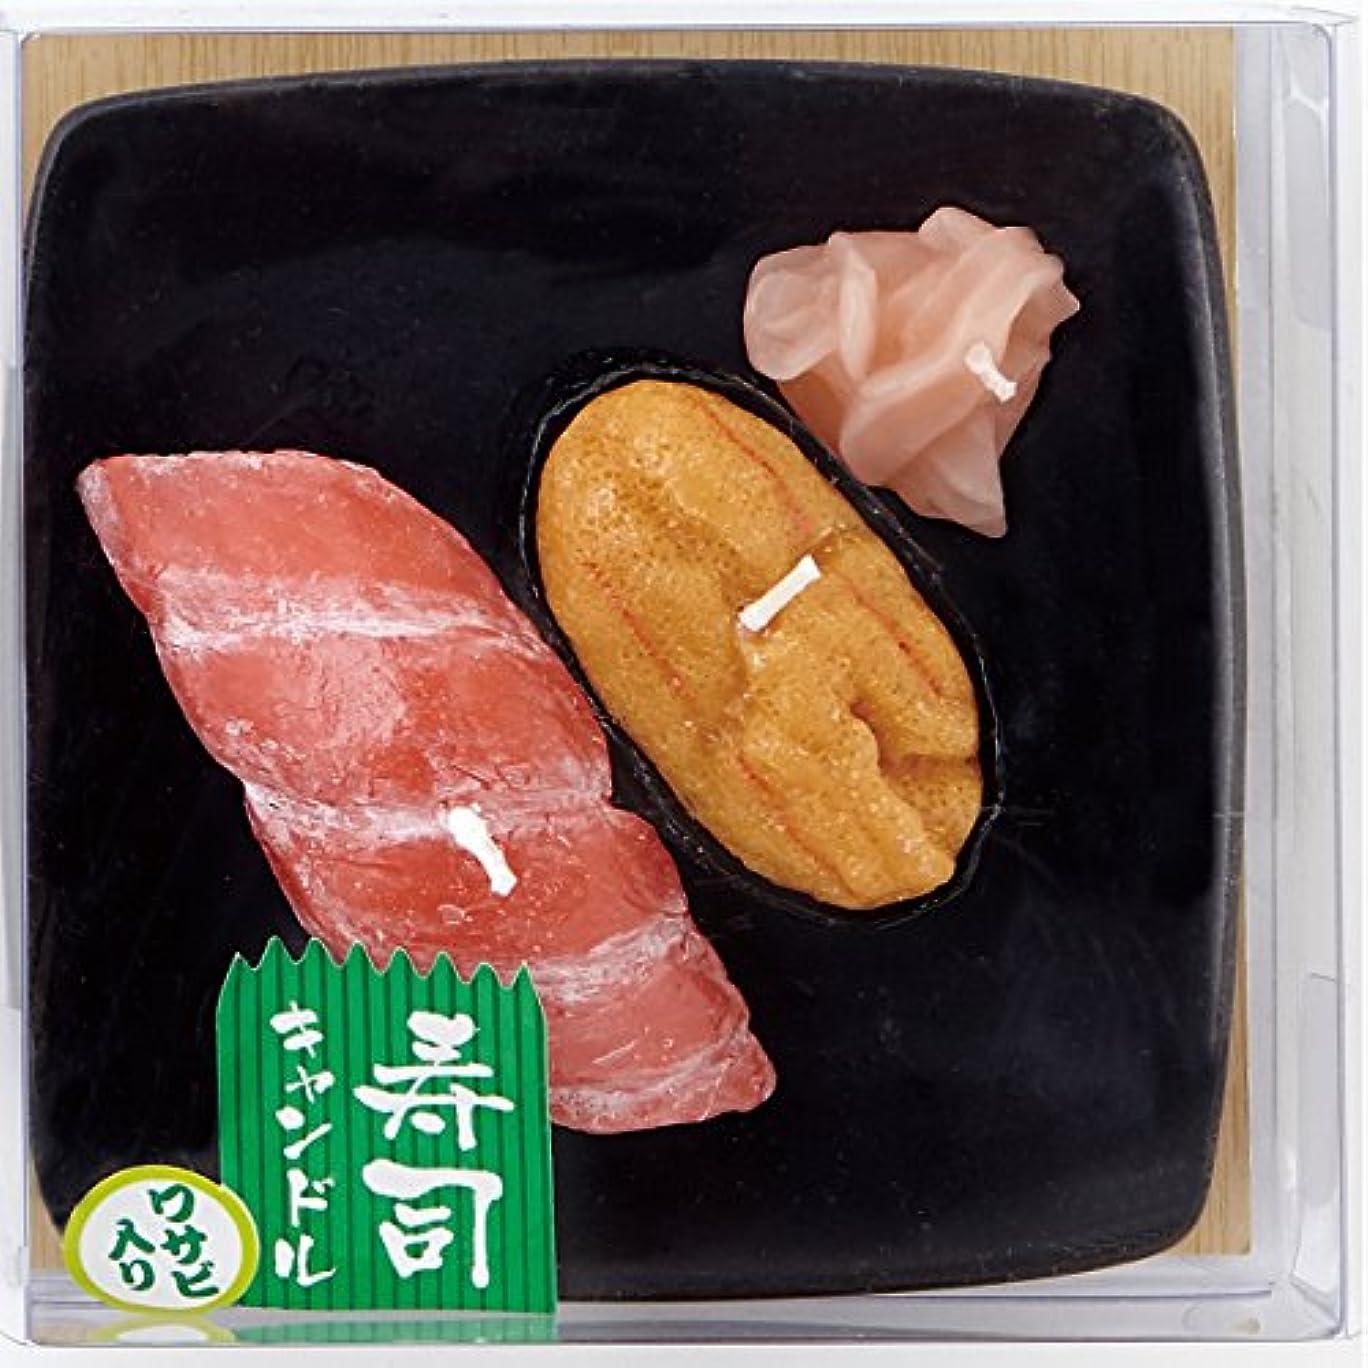 着飾る電気の愚かな寿司キャンドル C(ウニ?大トロ) サビ入